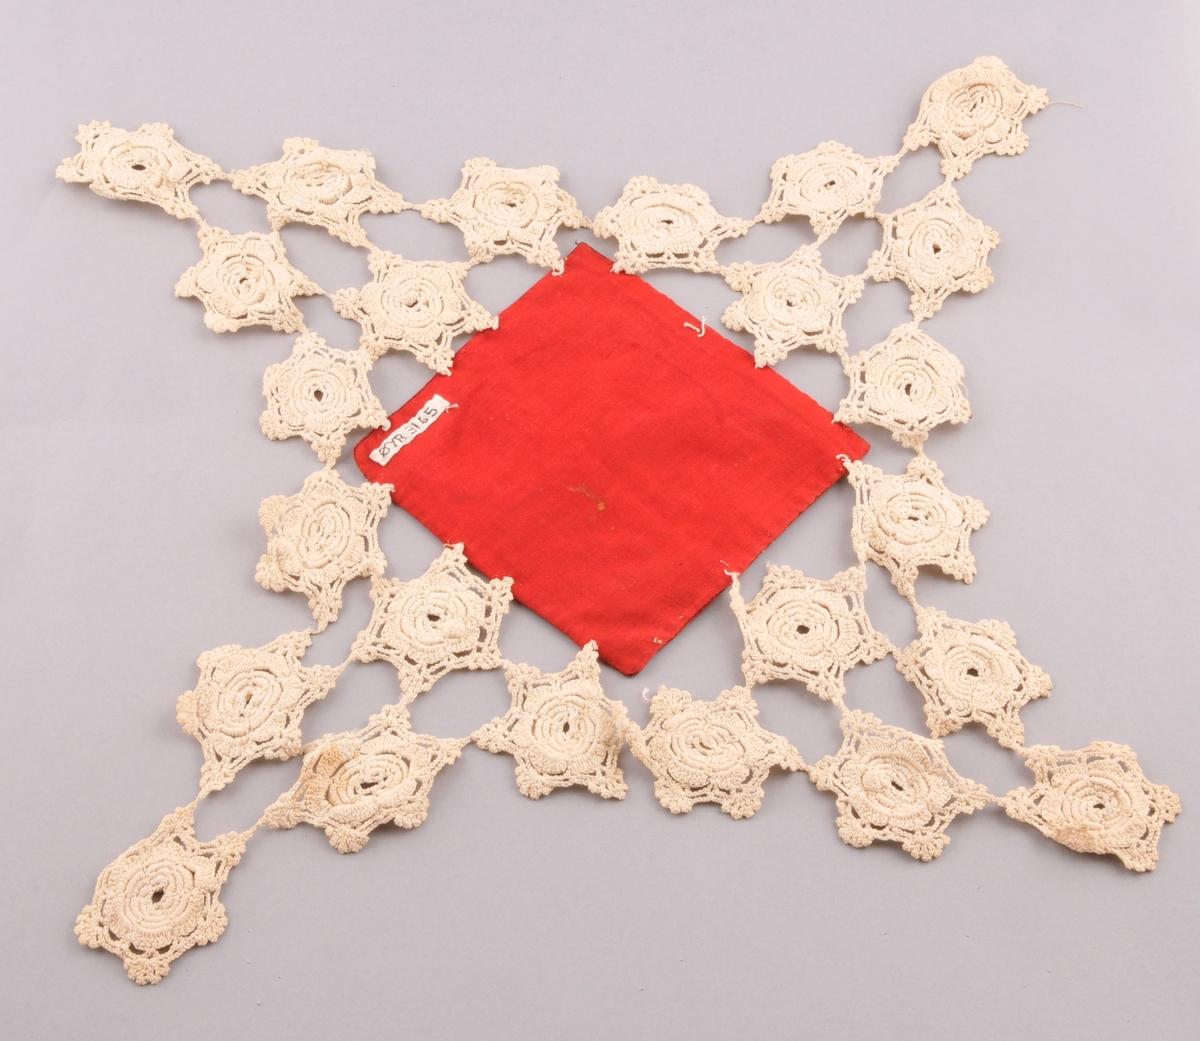 Kvadratisk tekstil sett saman av ein lapp av fløyel, med bakstykke av kypervove raudt stoff, og ei hekla blonde rundt kanten.